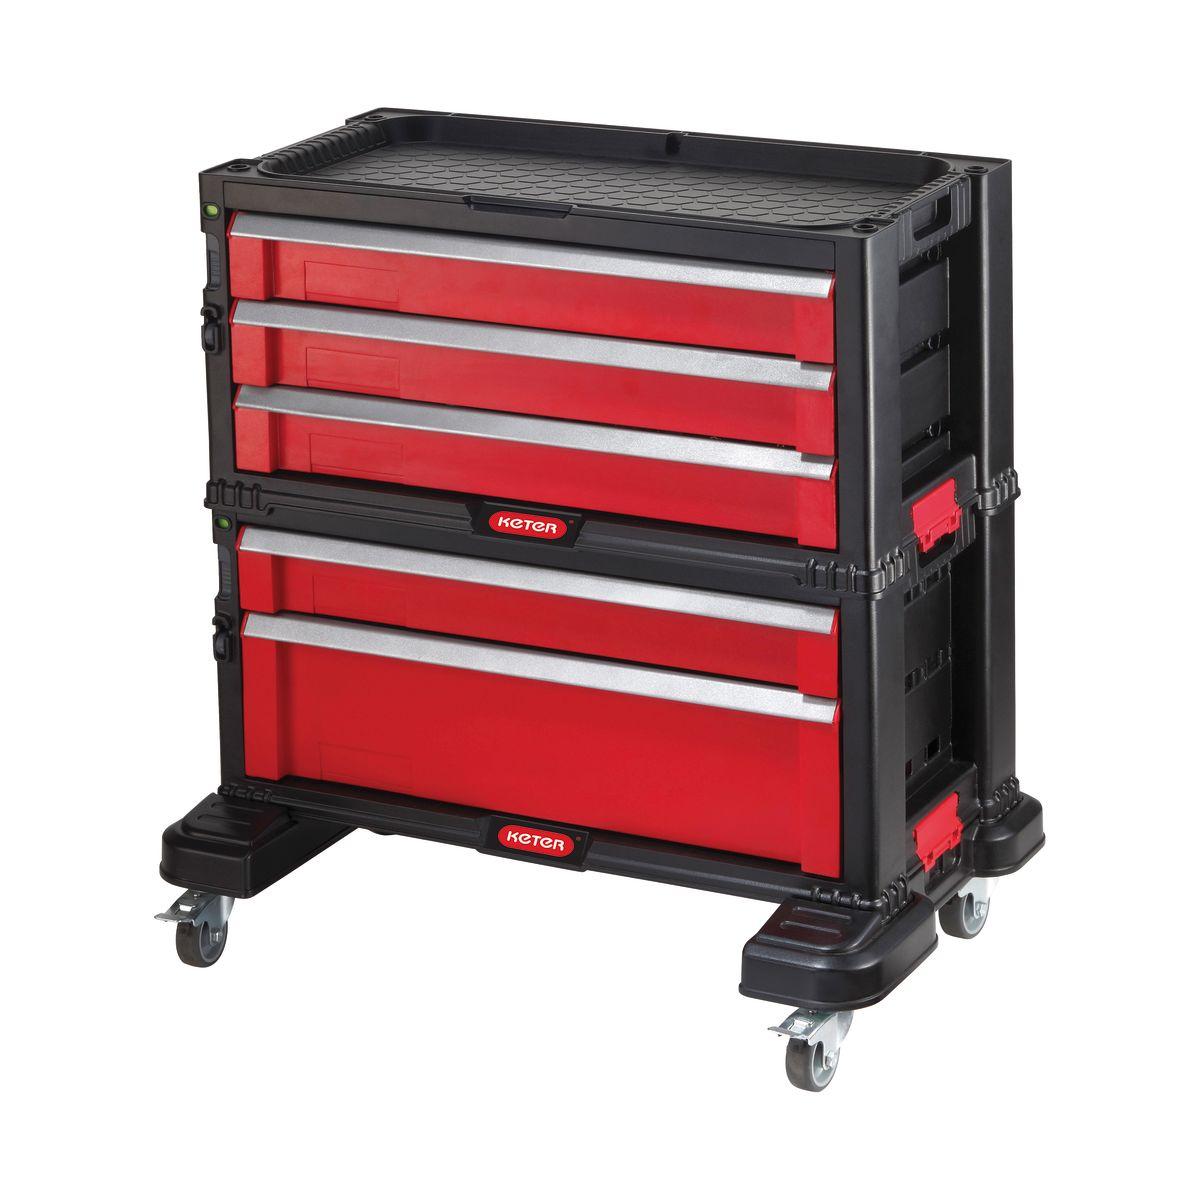 Cassettiera componibile 5 cassetti con ruote keter prezzi e offerte online - Cassettiera interna armadio leroy merlin ...